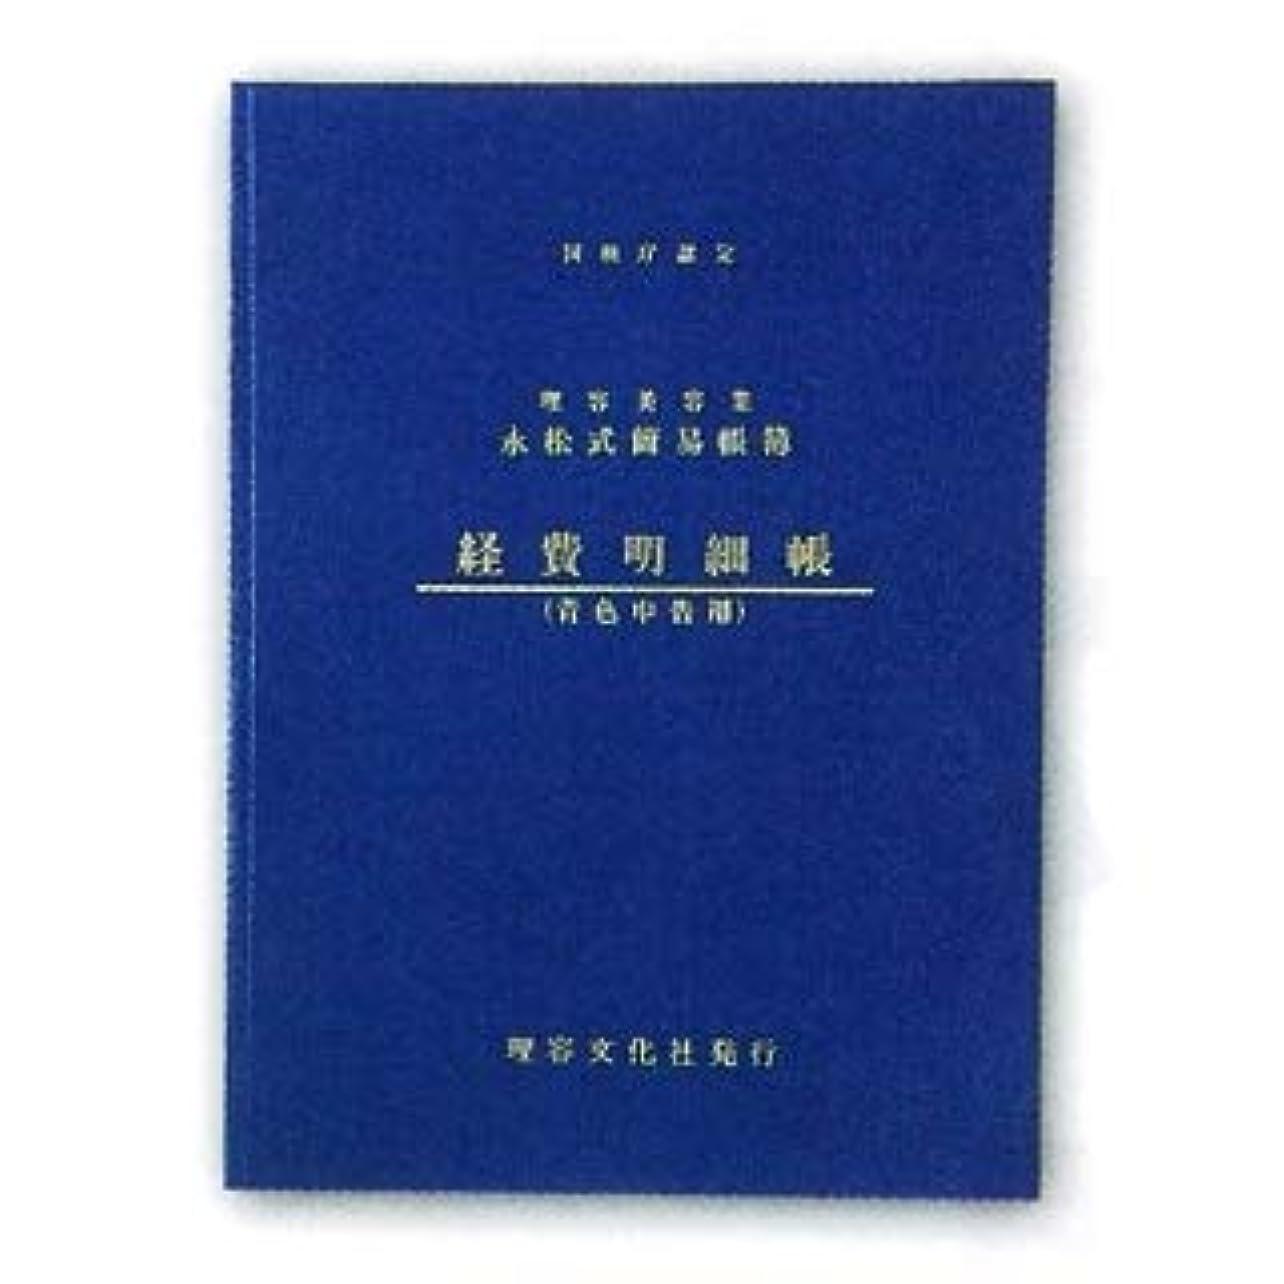 童謡いろいろ昆虫を見る永松式簡易帳簿 経費明細帳(青色申告用)